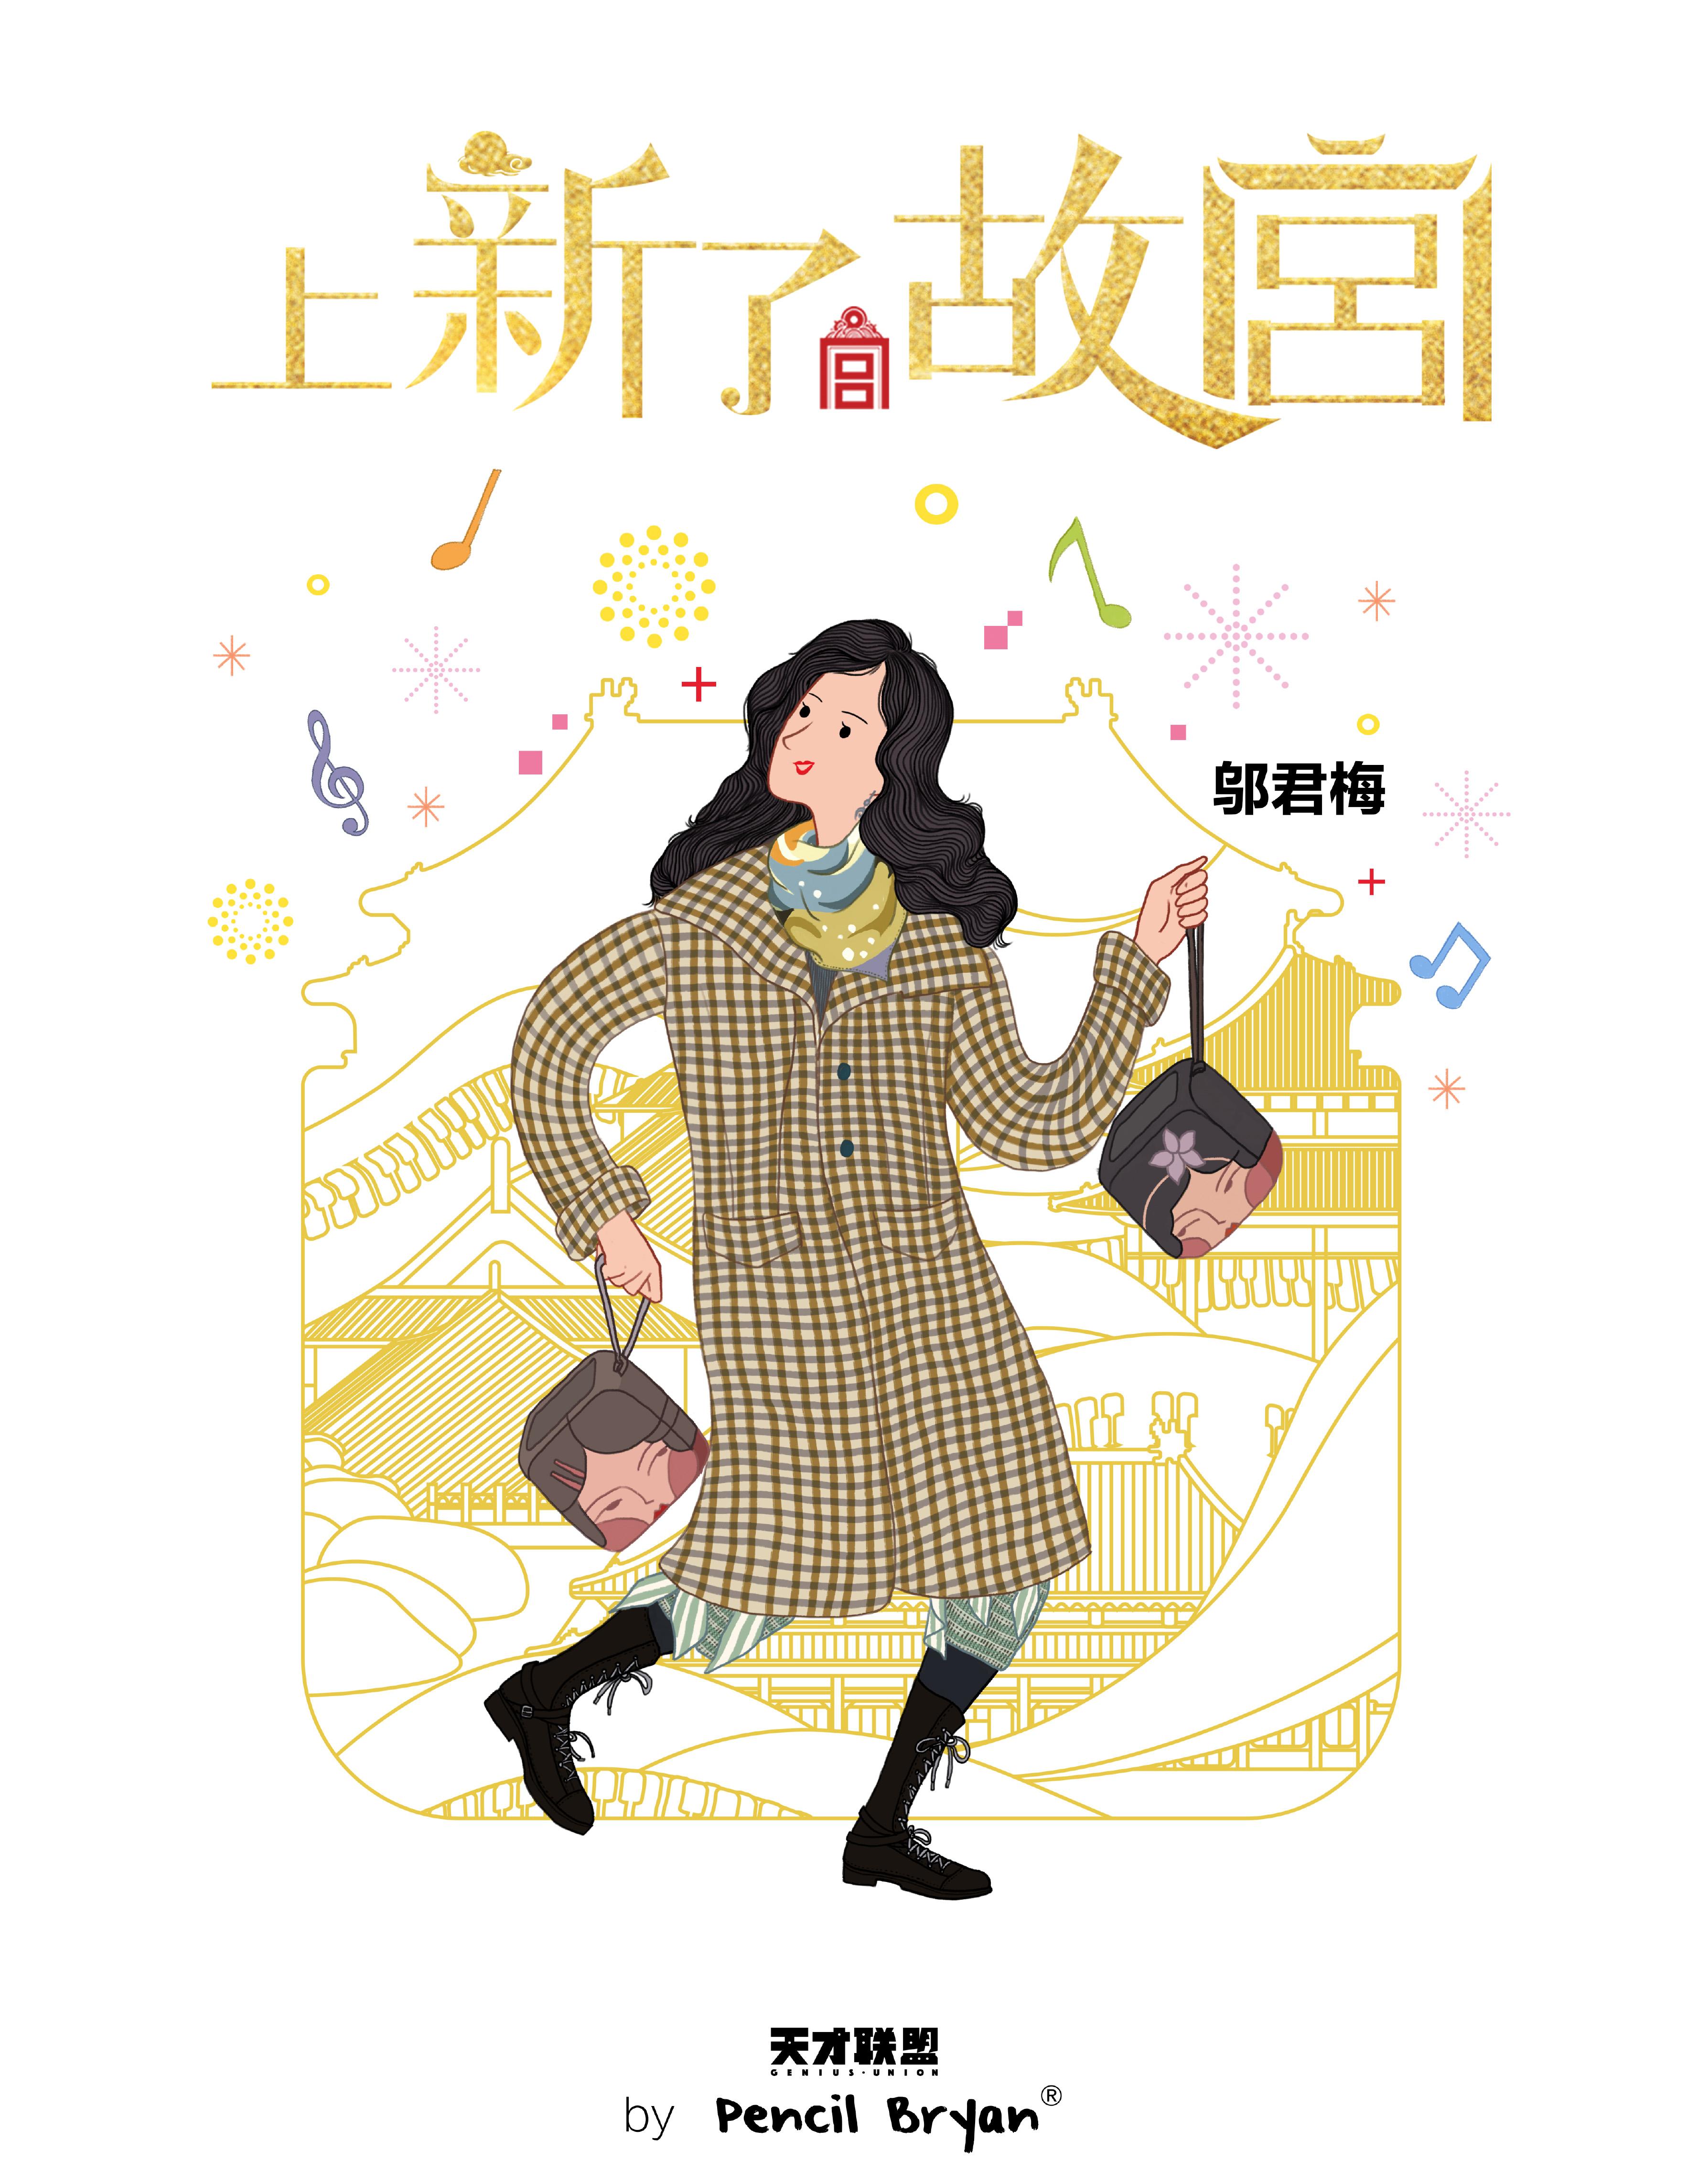 徐磊-上新了故宫 -1